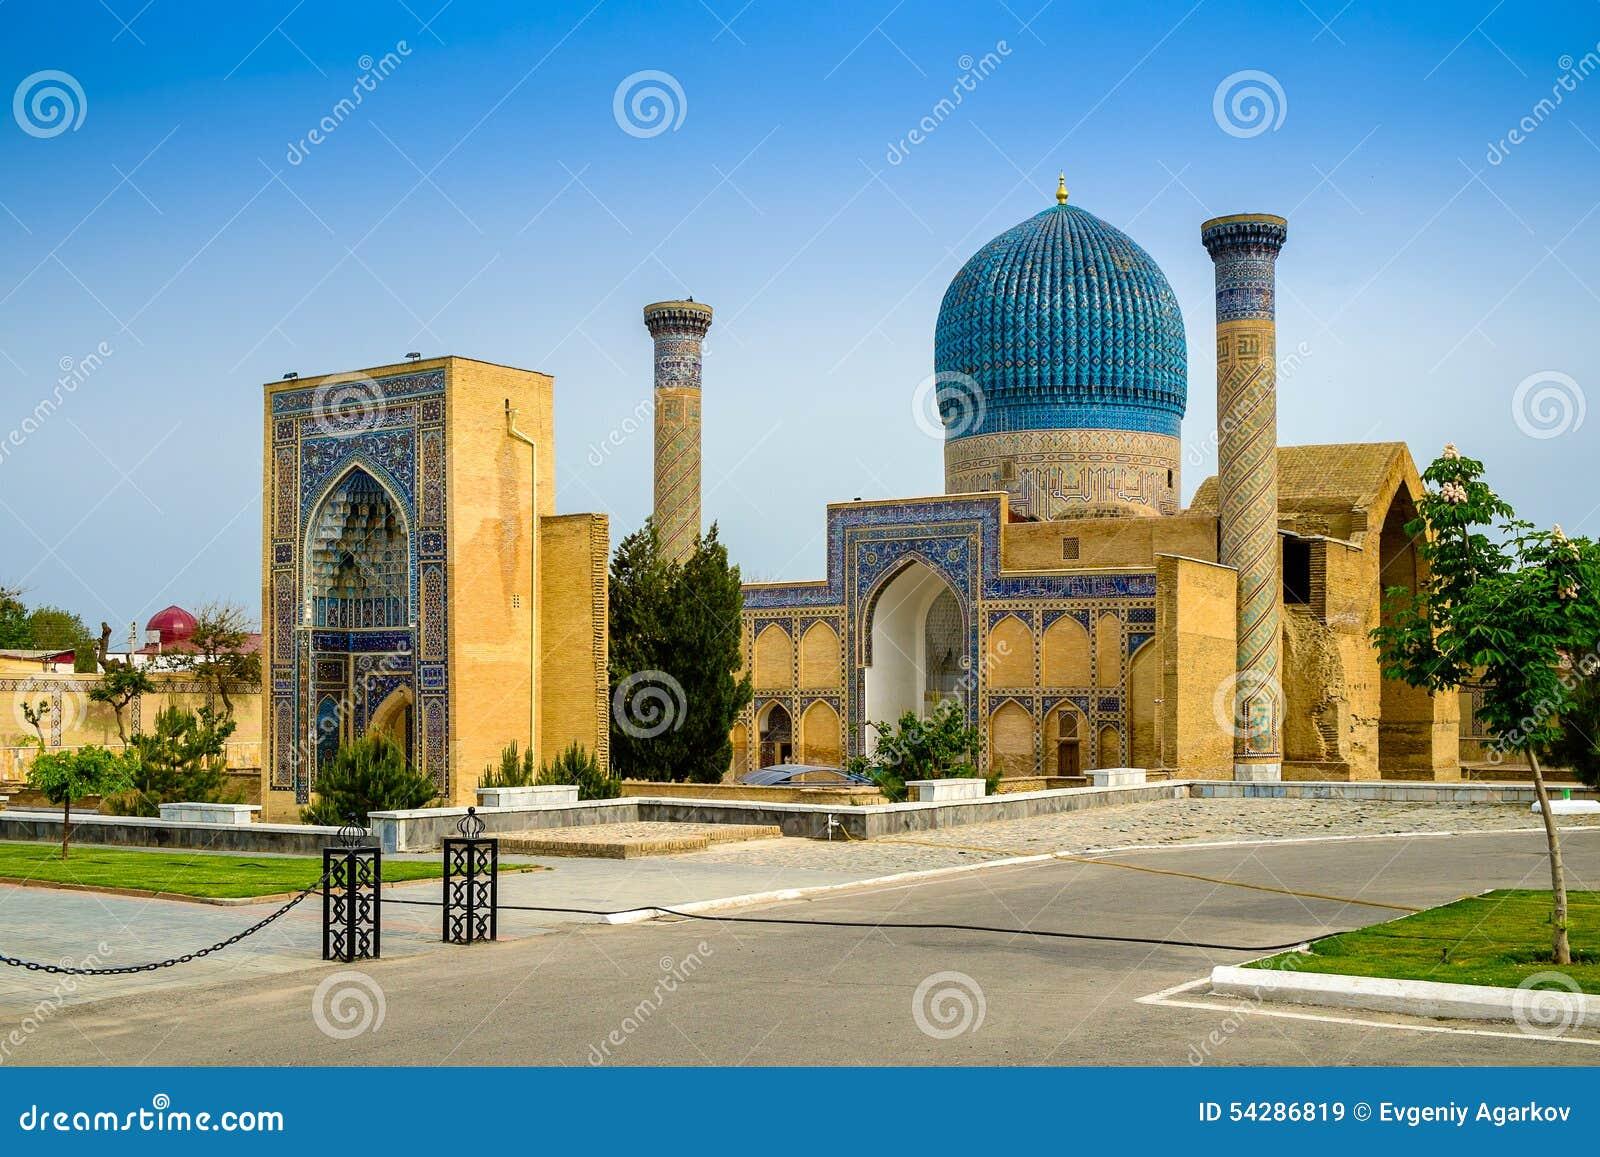 Gur Emir mausoleum of the Asian conqueror Tamerlane